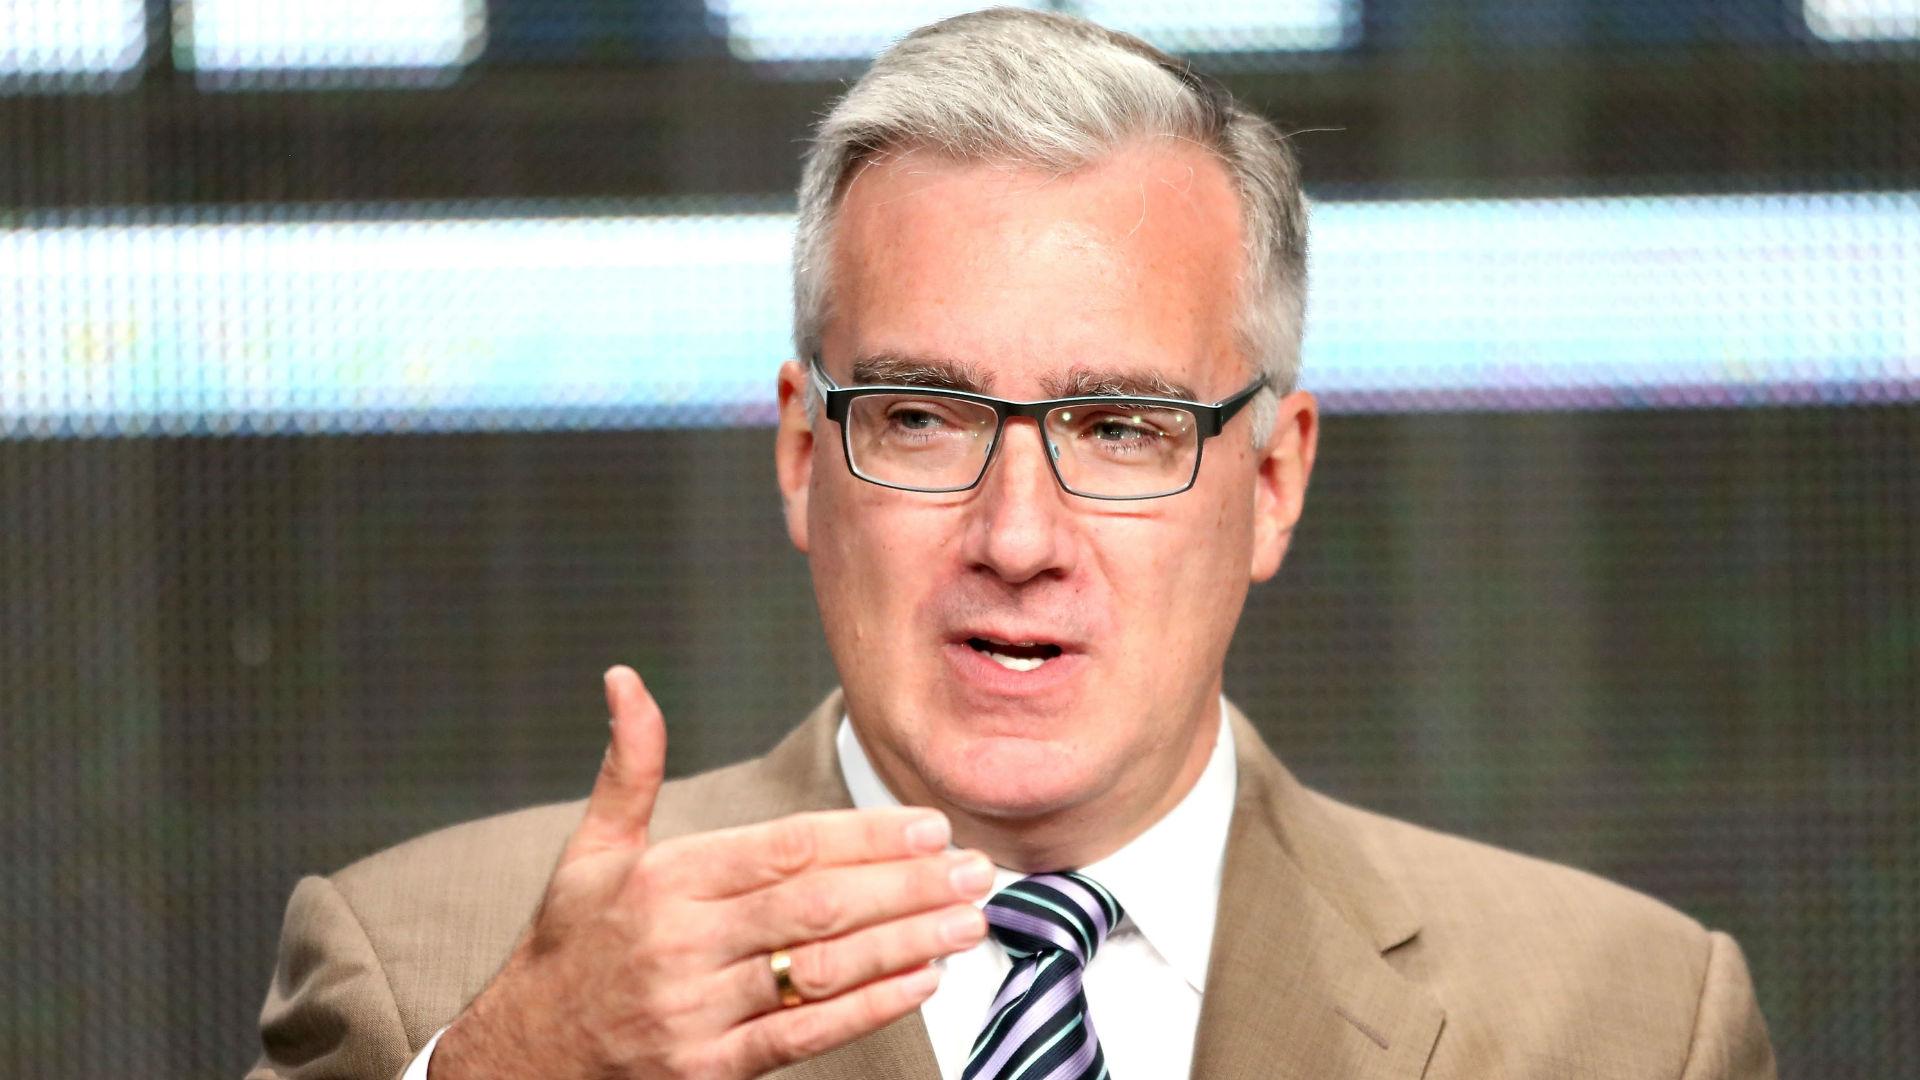 keith-olbermann-070815-getty-ftr-us.jpg